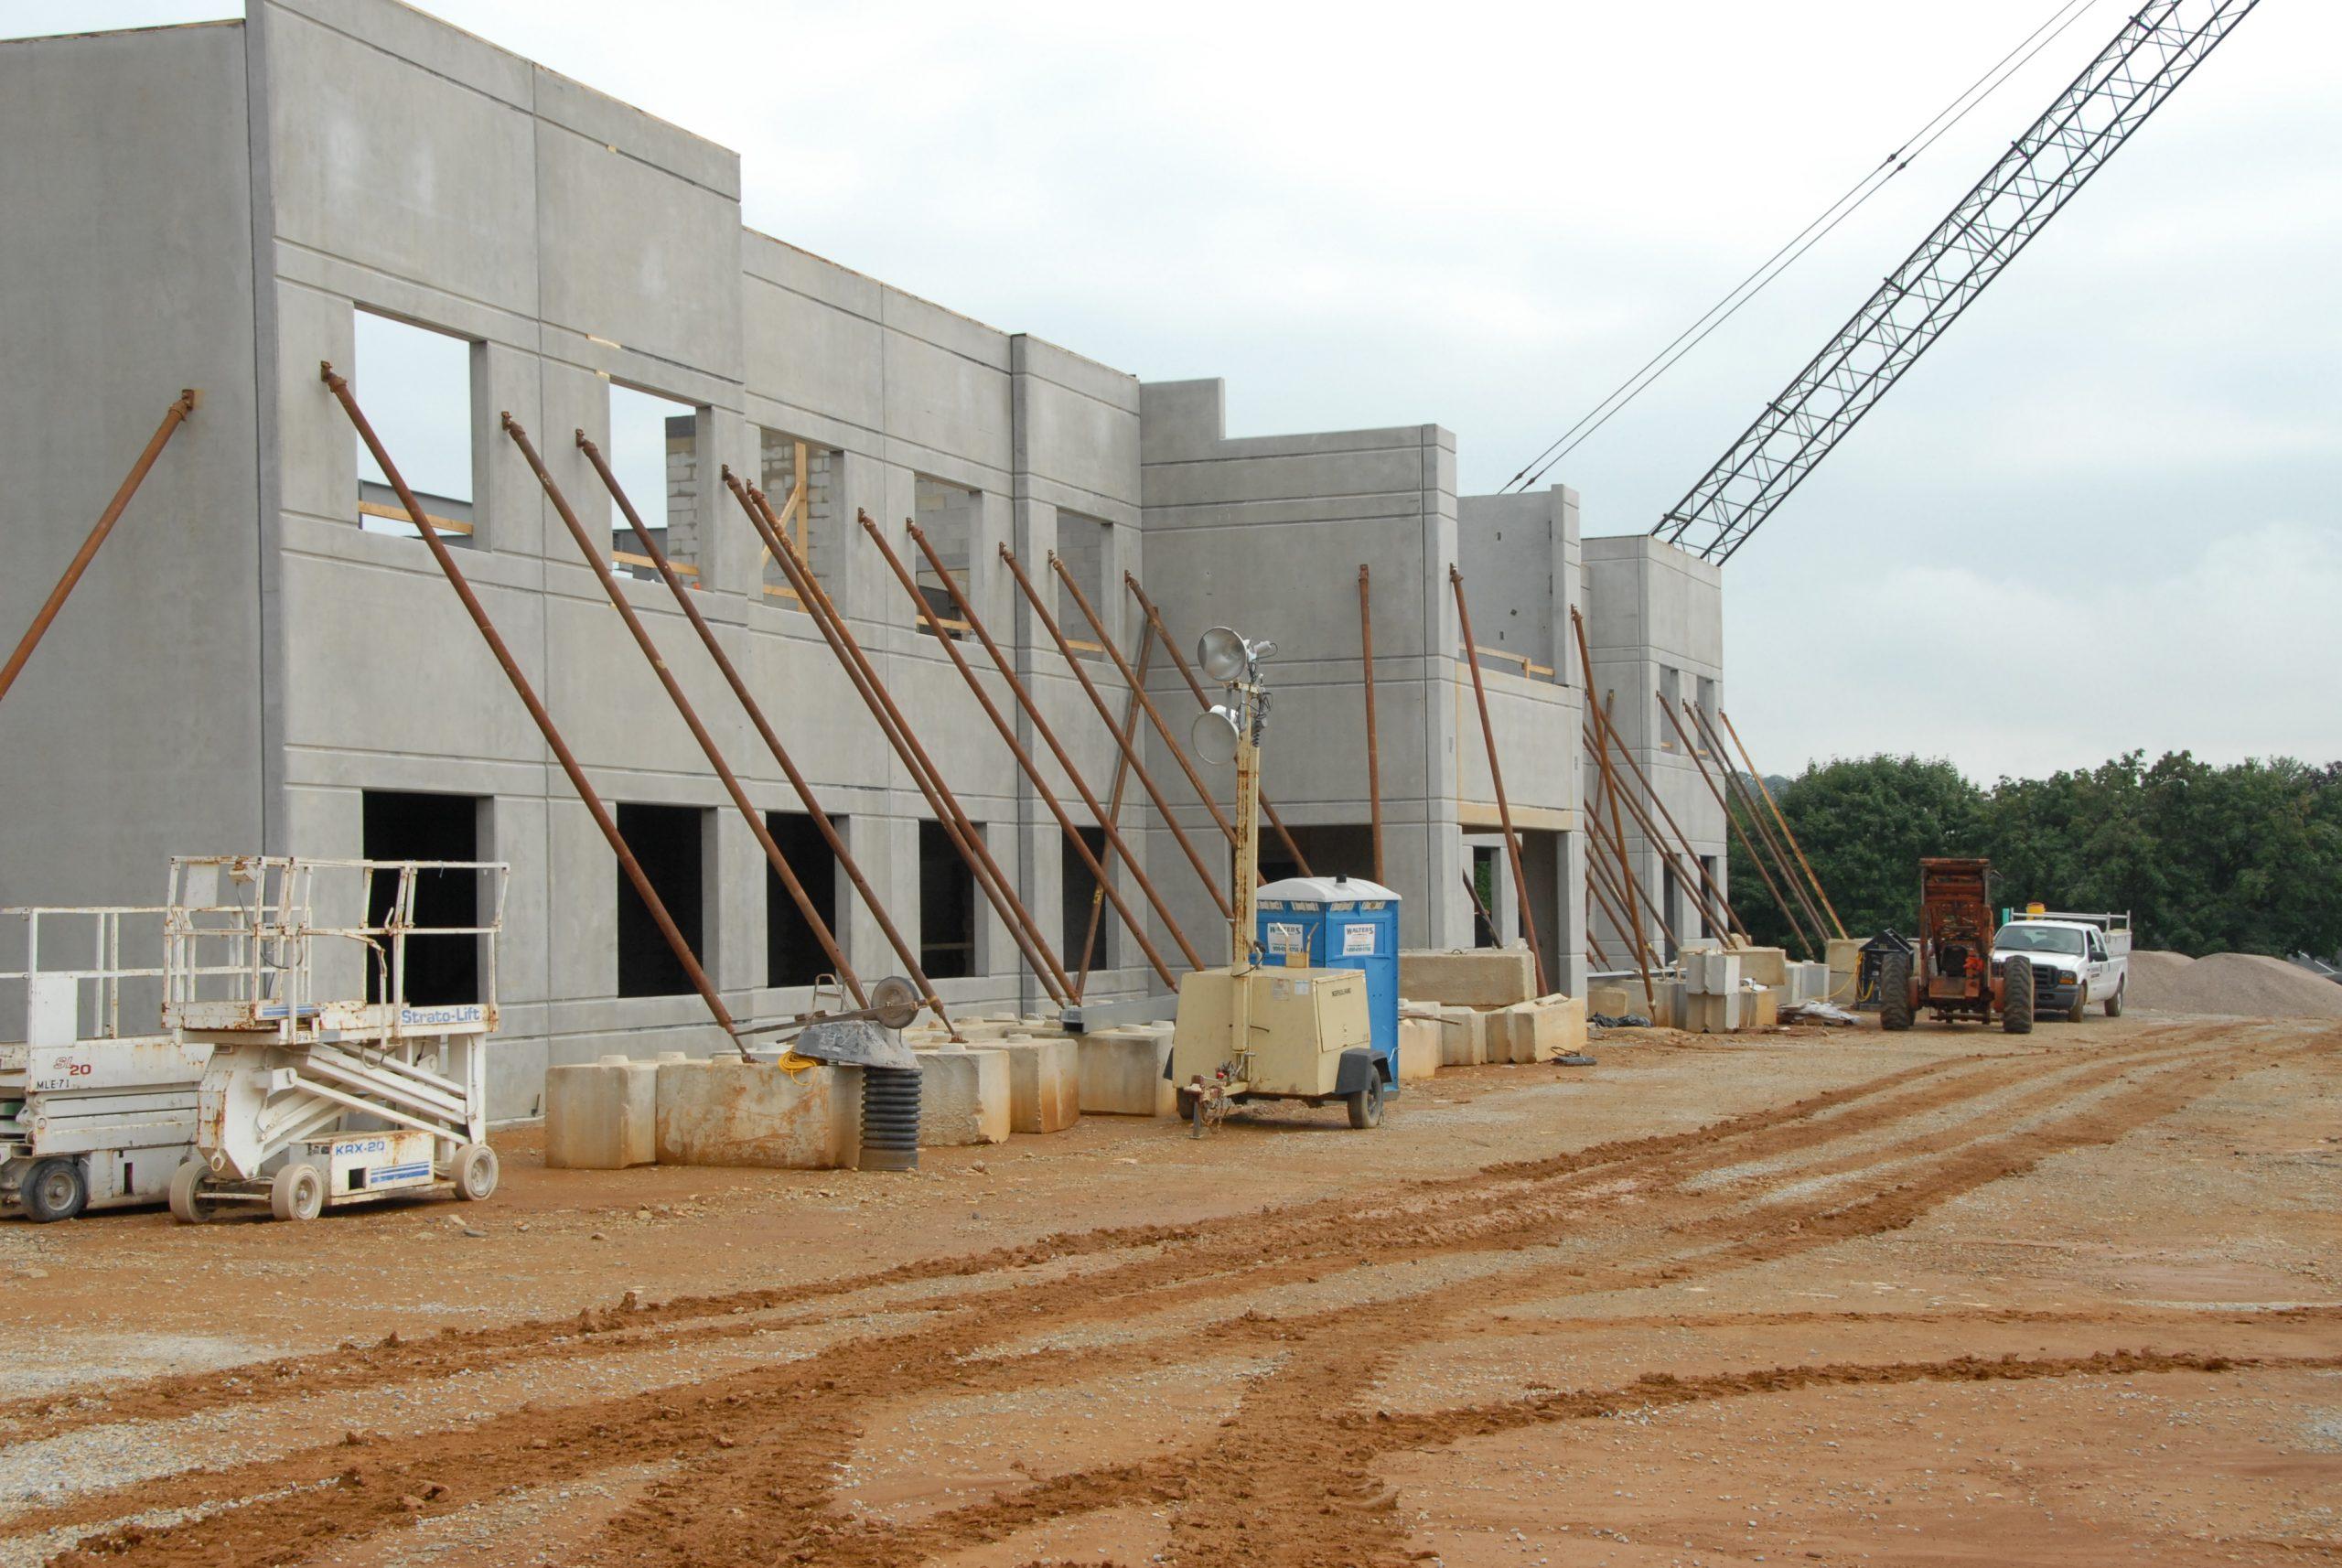 Conewago Precast Concrete Project - Thistle Hill Medical Center